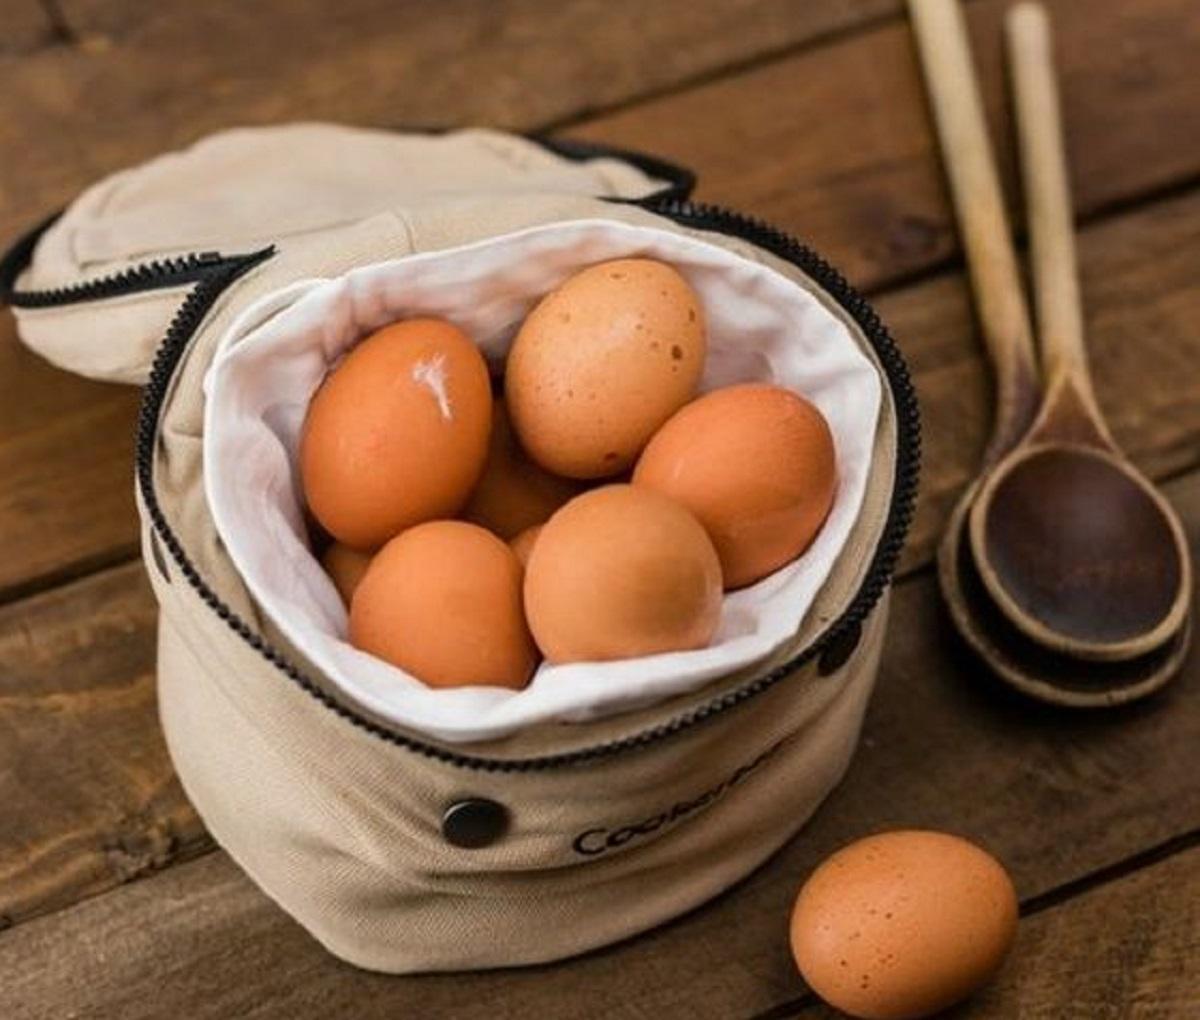 come scegliere le uova al supermercato